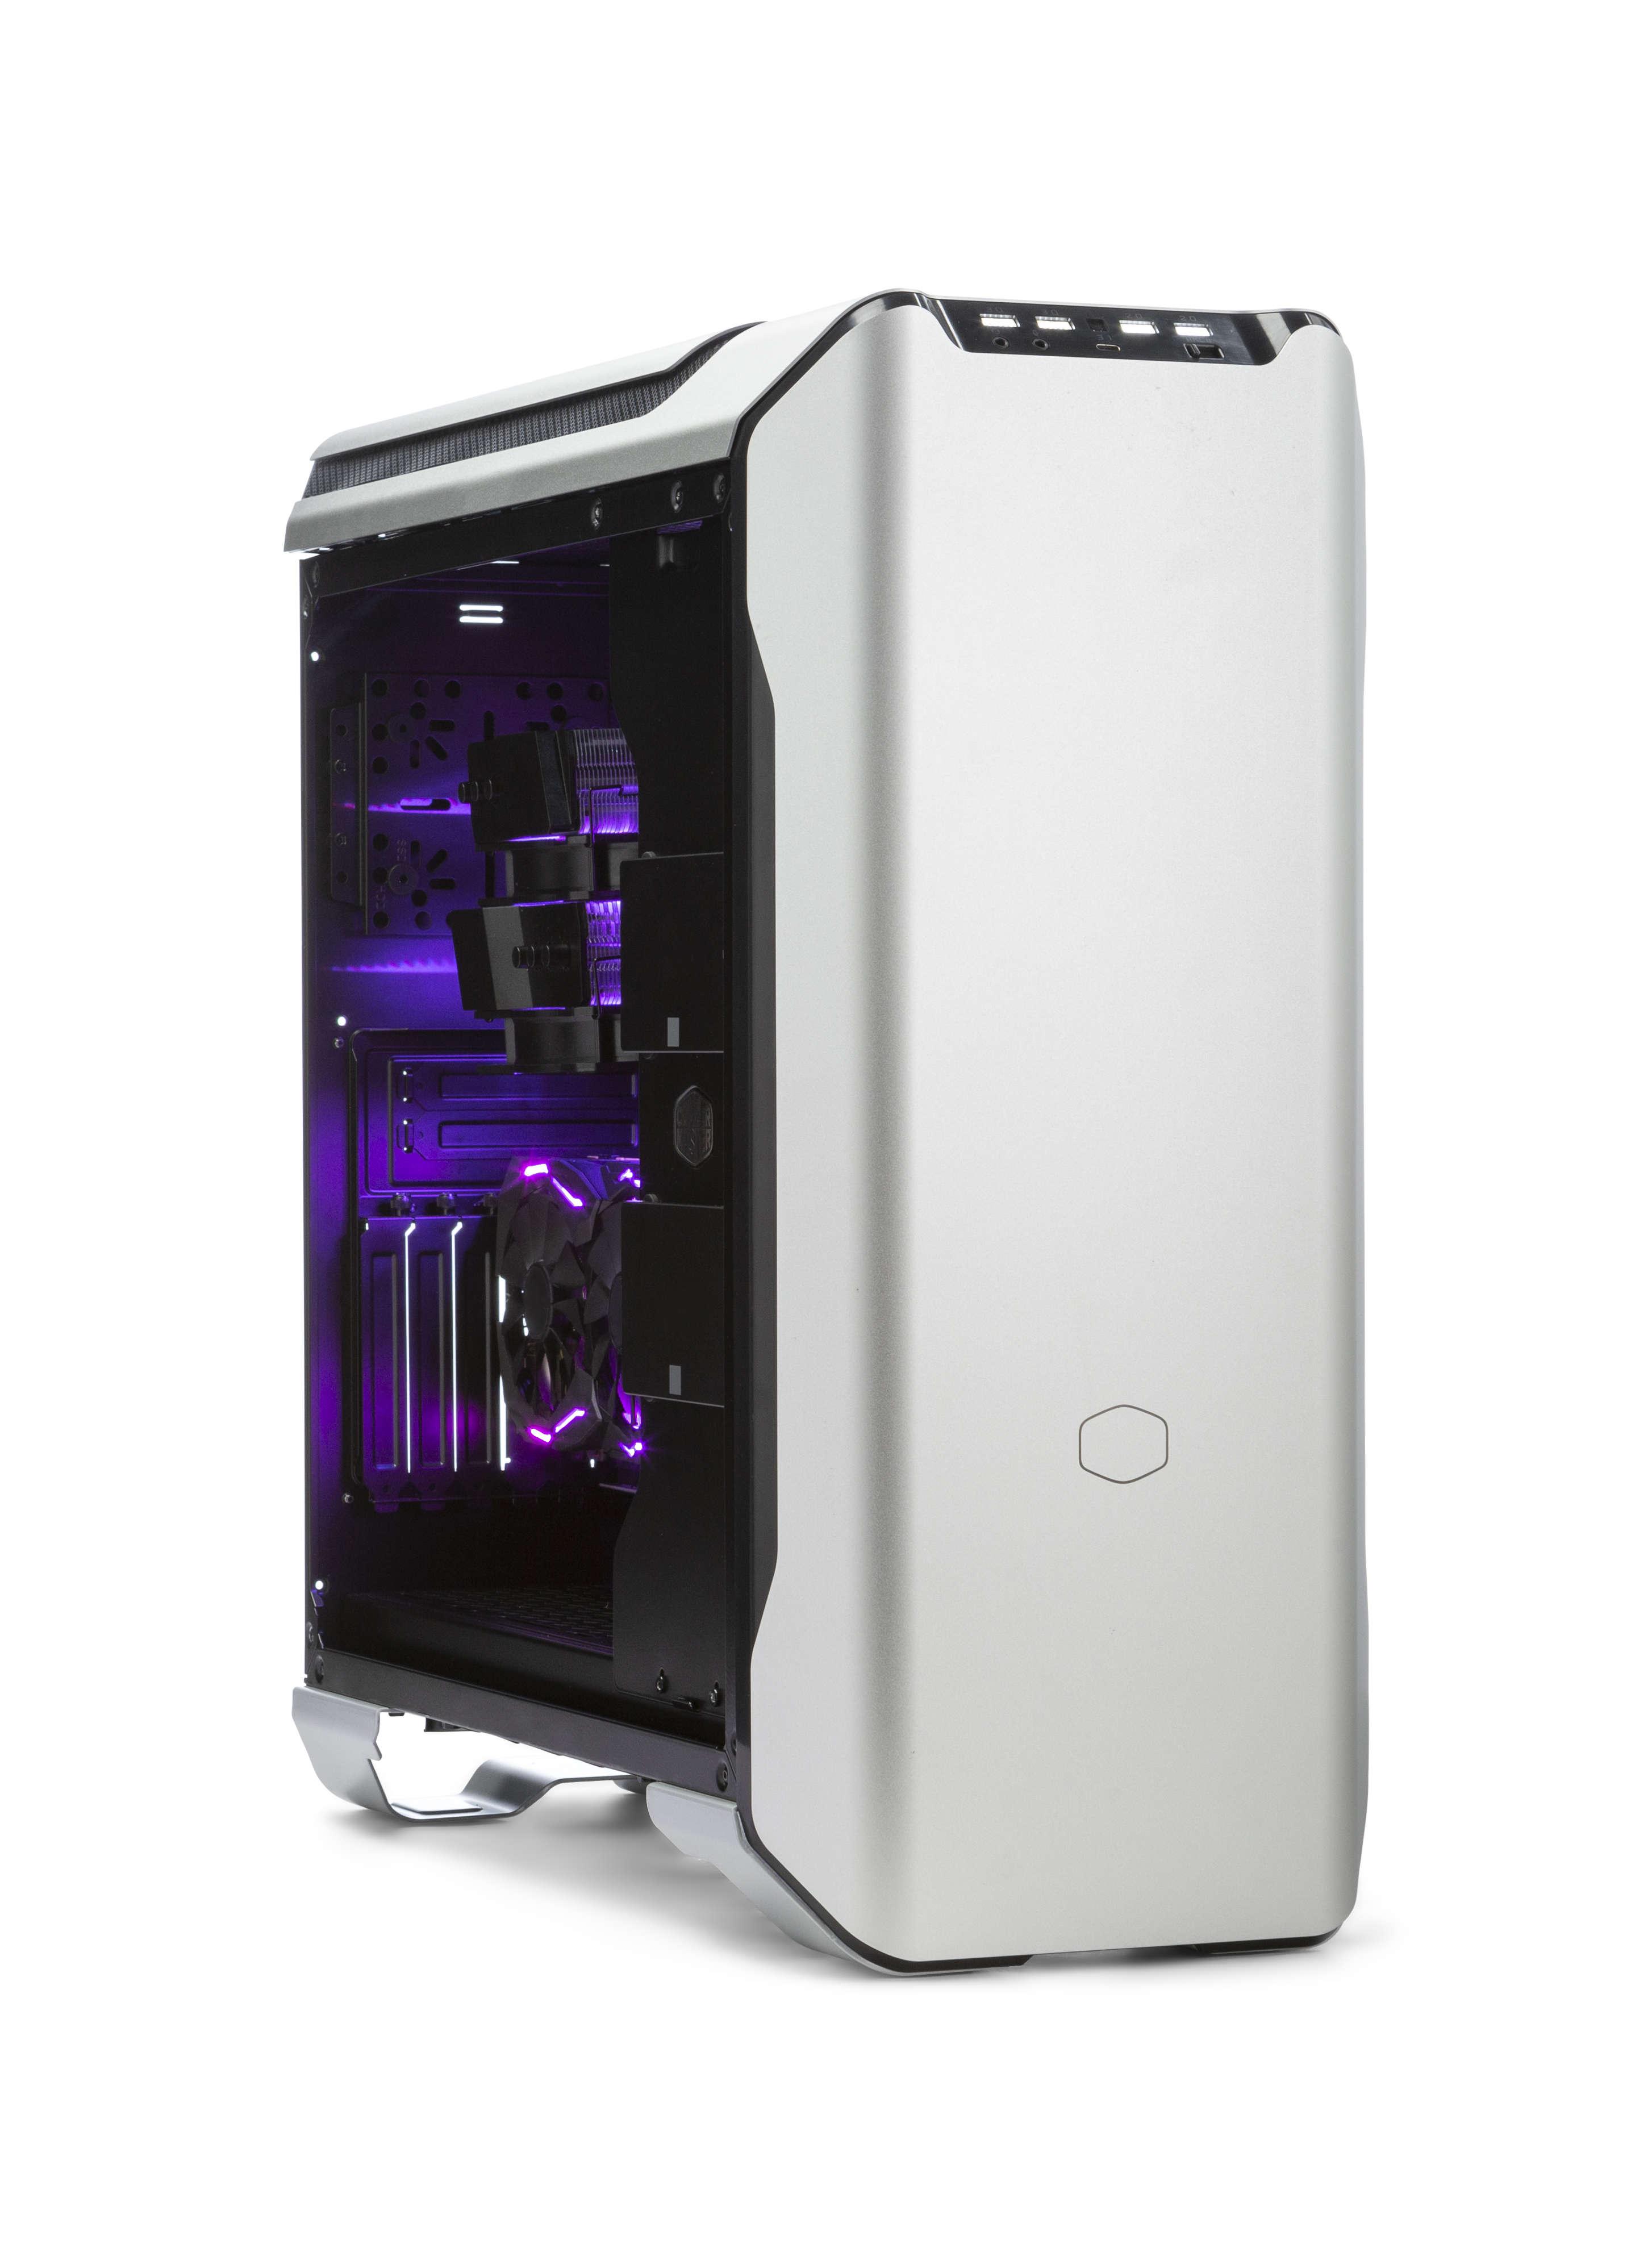 Case Coolermaster SL600M ripreso frontalmente